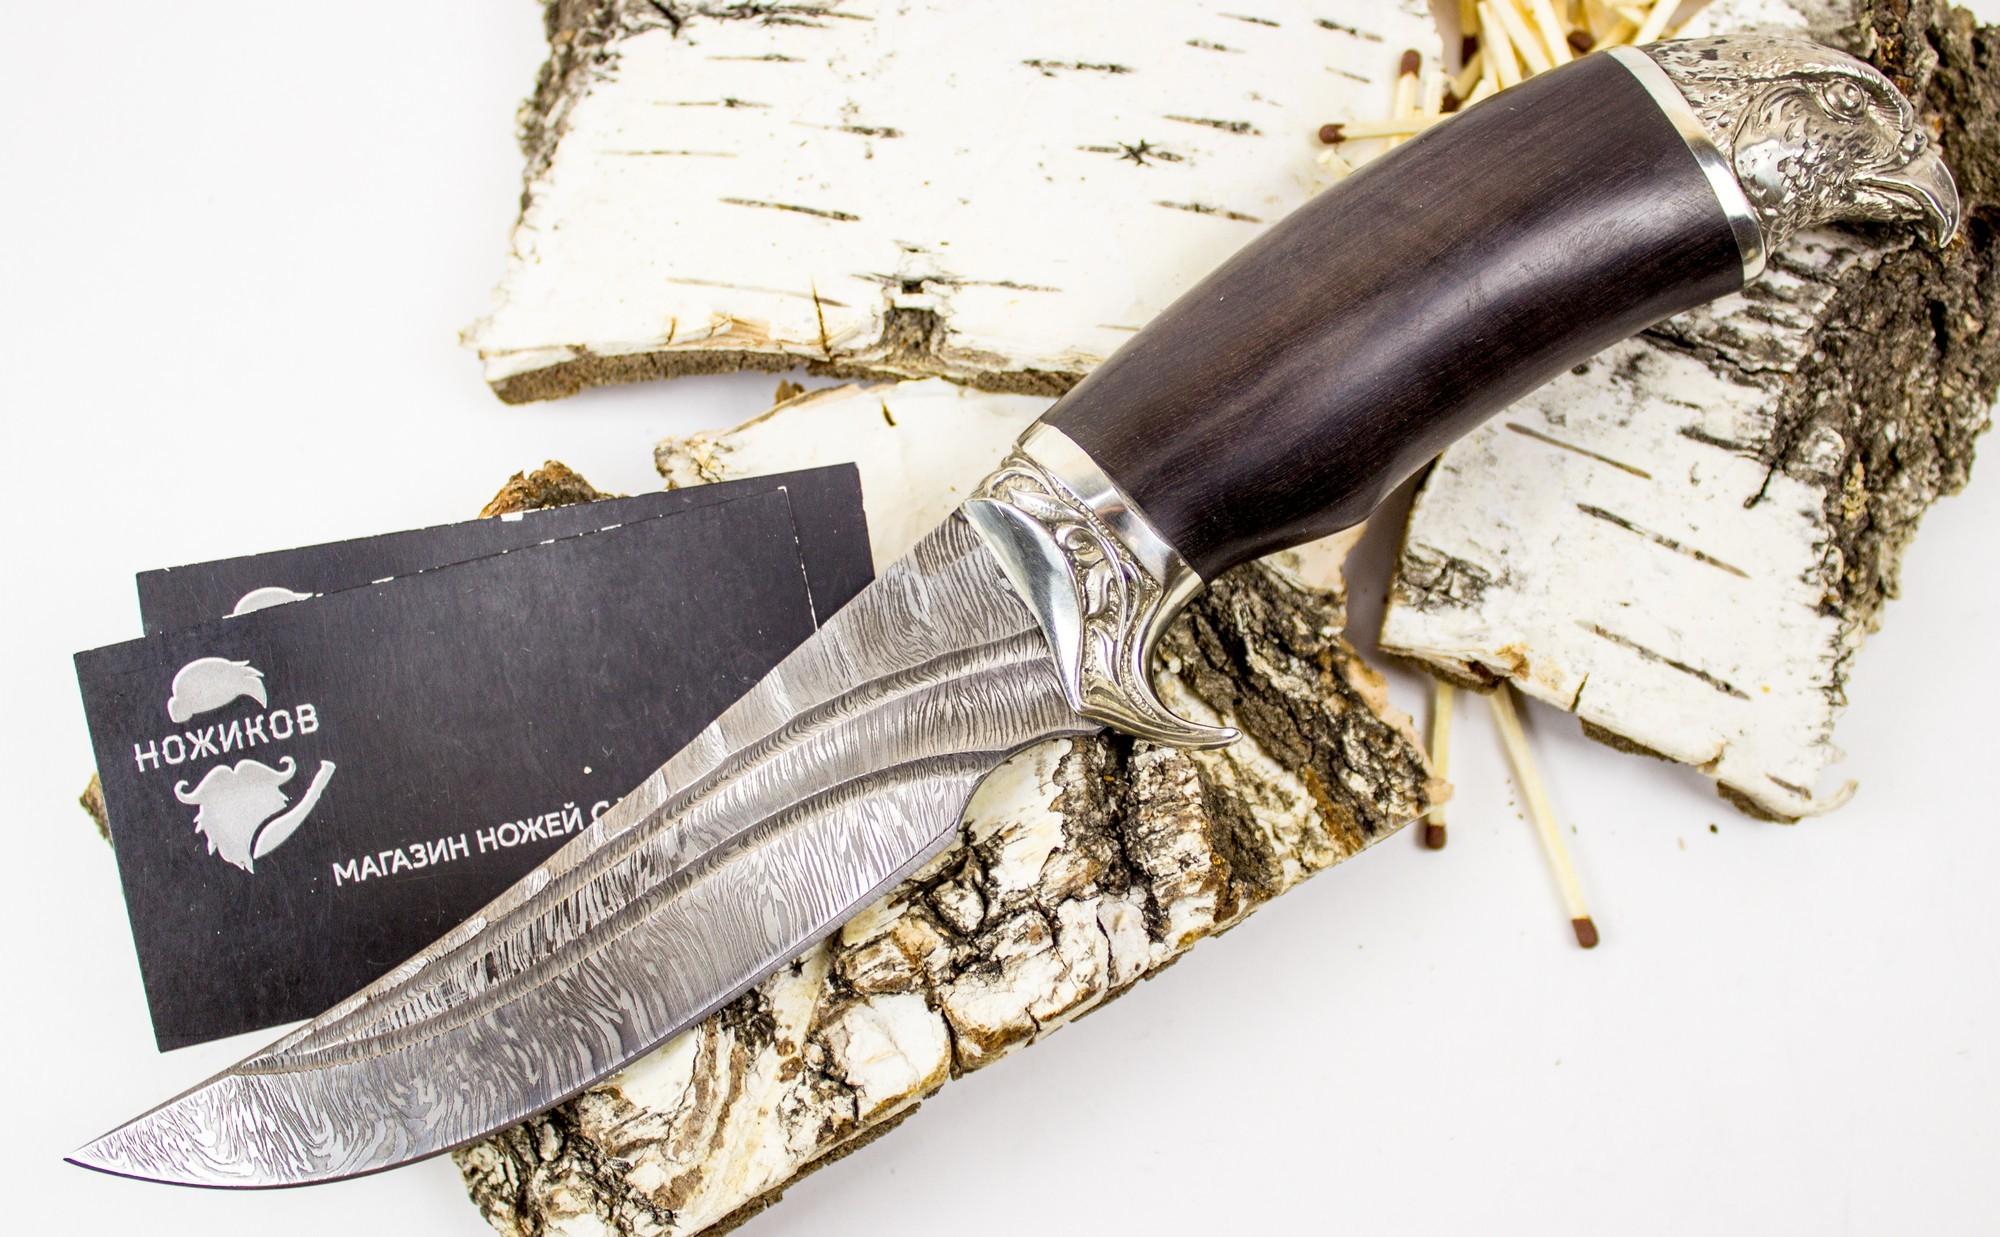 Нож Ворон, сталь дамаск, мельхиорНожи Ворсма<br>Настоящим мужчинам нужно делать настоящие мужские подарки. Нож Ворон порадует любого, кто увлечен охотой или рыбалкой. Такой нож можно подарить коллеге, другу или боссу. Клинок ножа выполнен из многослойной дамасской стали. По форме клинок напоминает крыло мудрой и сильной птицы. Сходство усиливается благодаря навершию в форме головы ворона. Такой нож станет семейным талисманом или тотемом, который будет приносить удачу в жизни или на охоте. Для хранения и транспортировки используются ножны из натуральной кожи.<br>